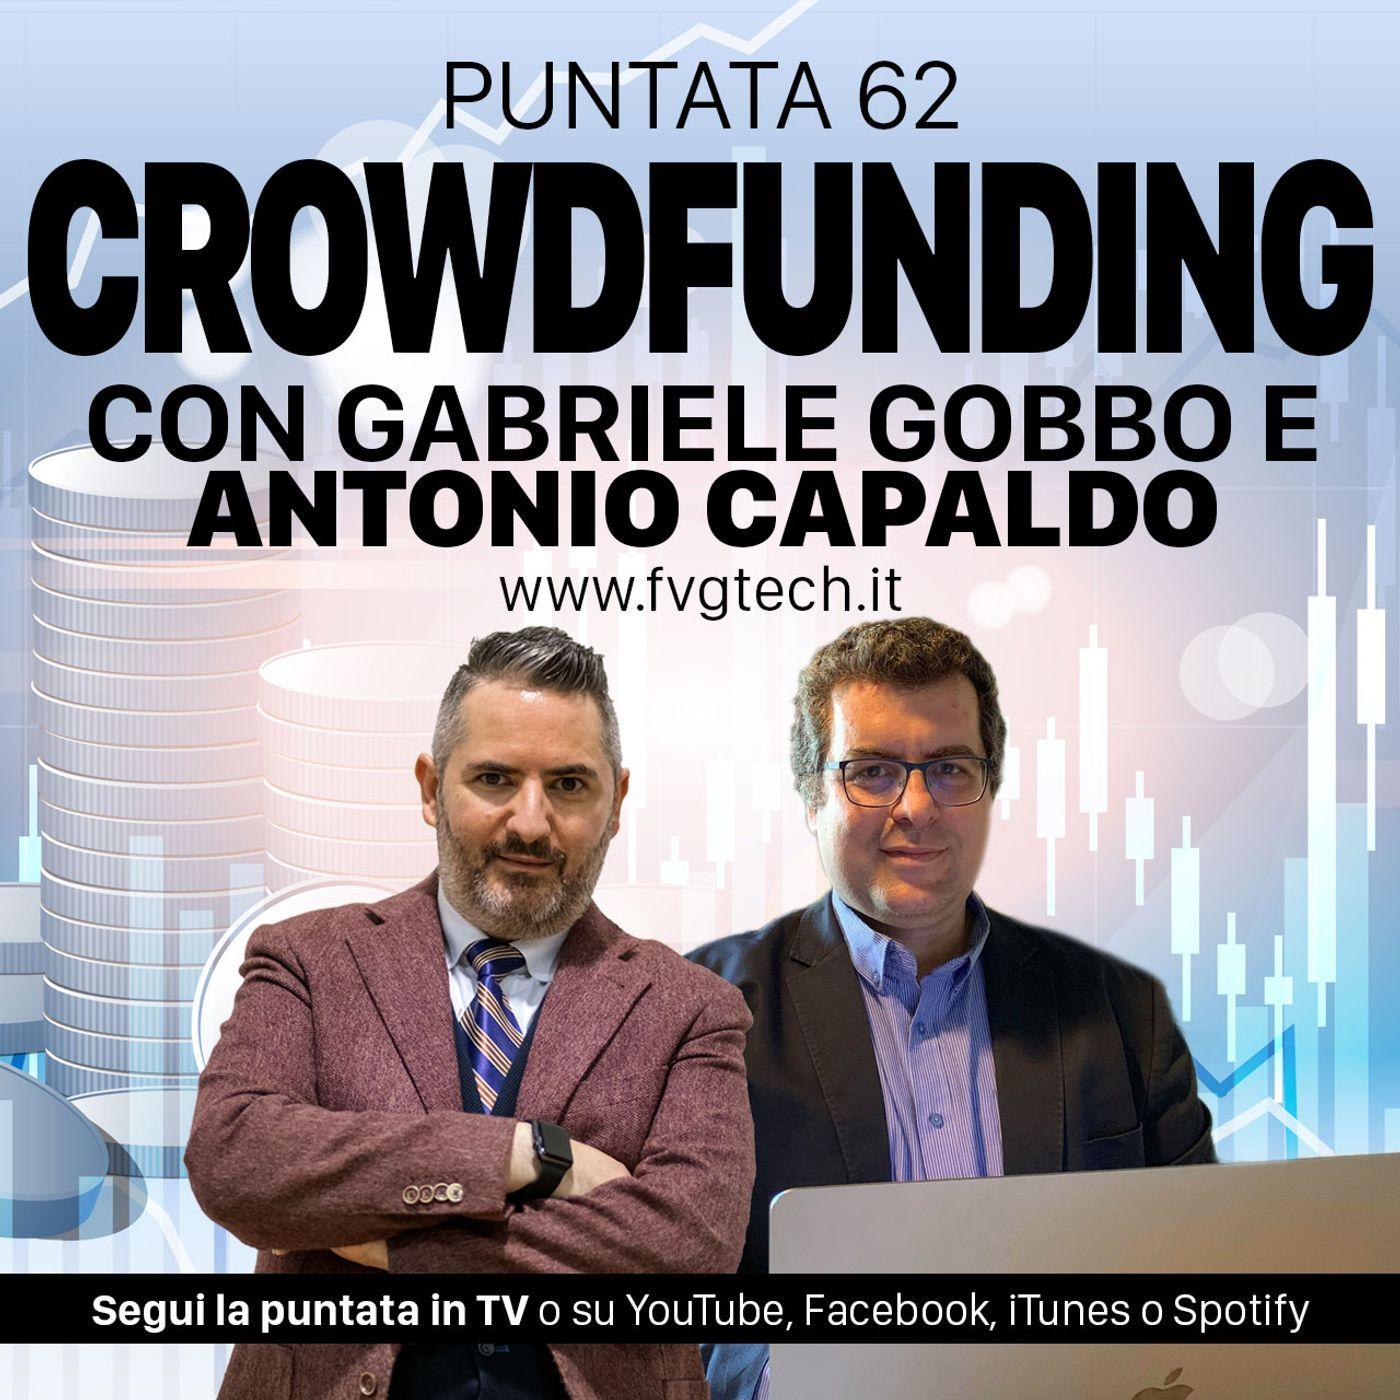 62 - Il Crowdfunding. Ospite Antonio Capaldo